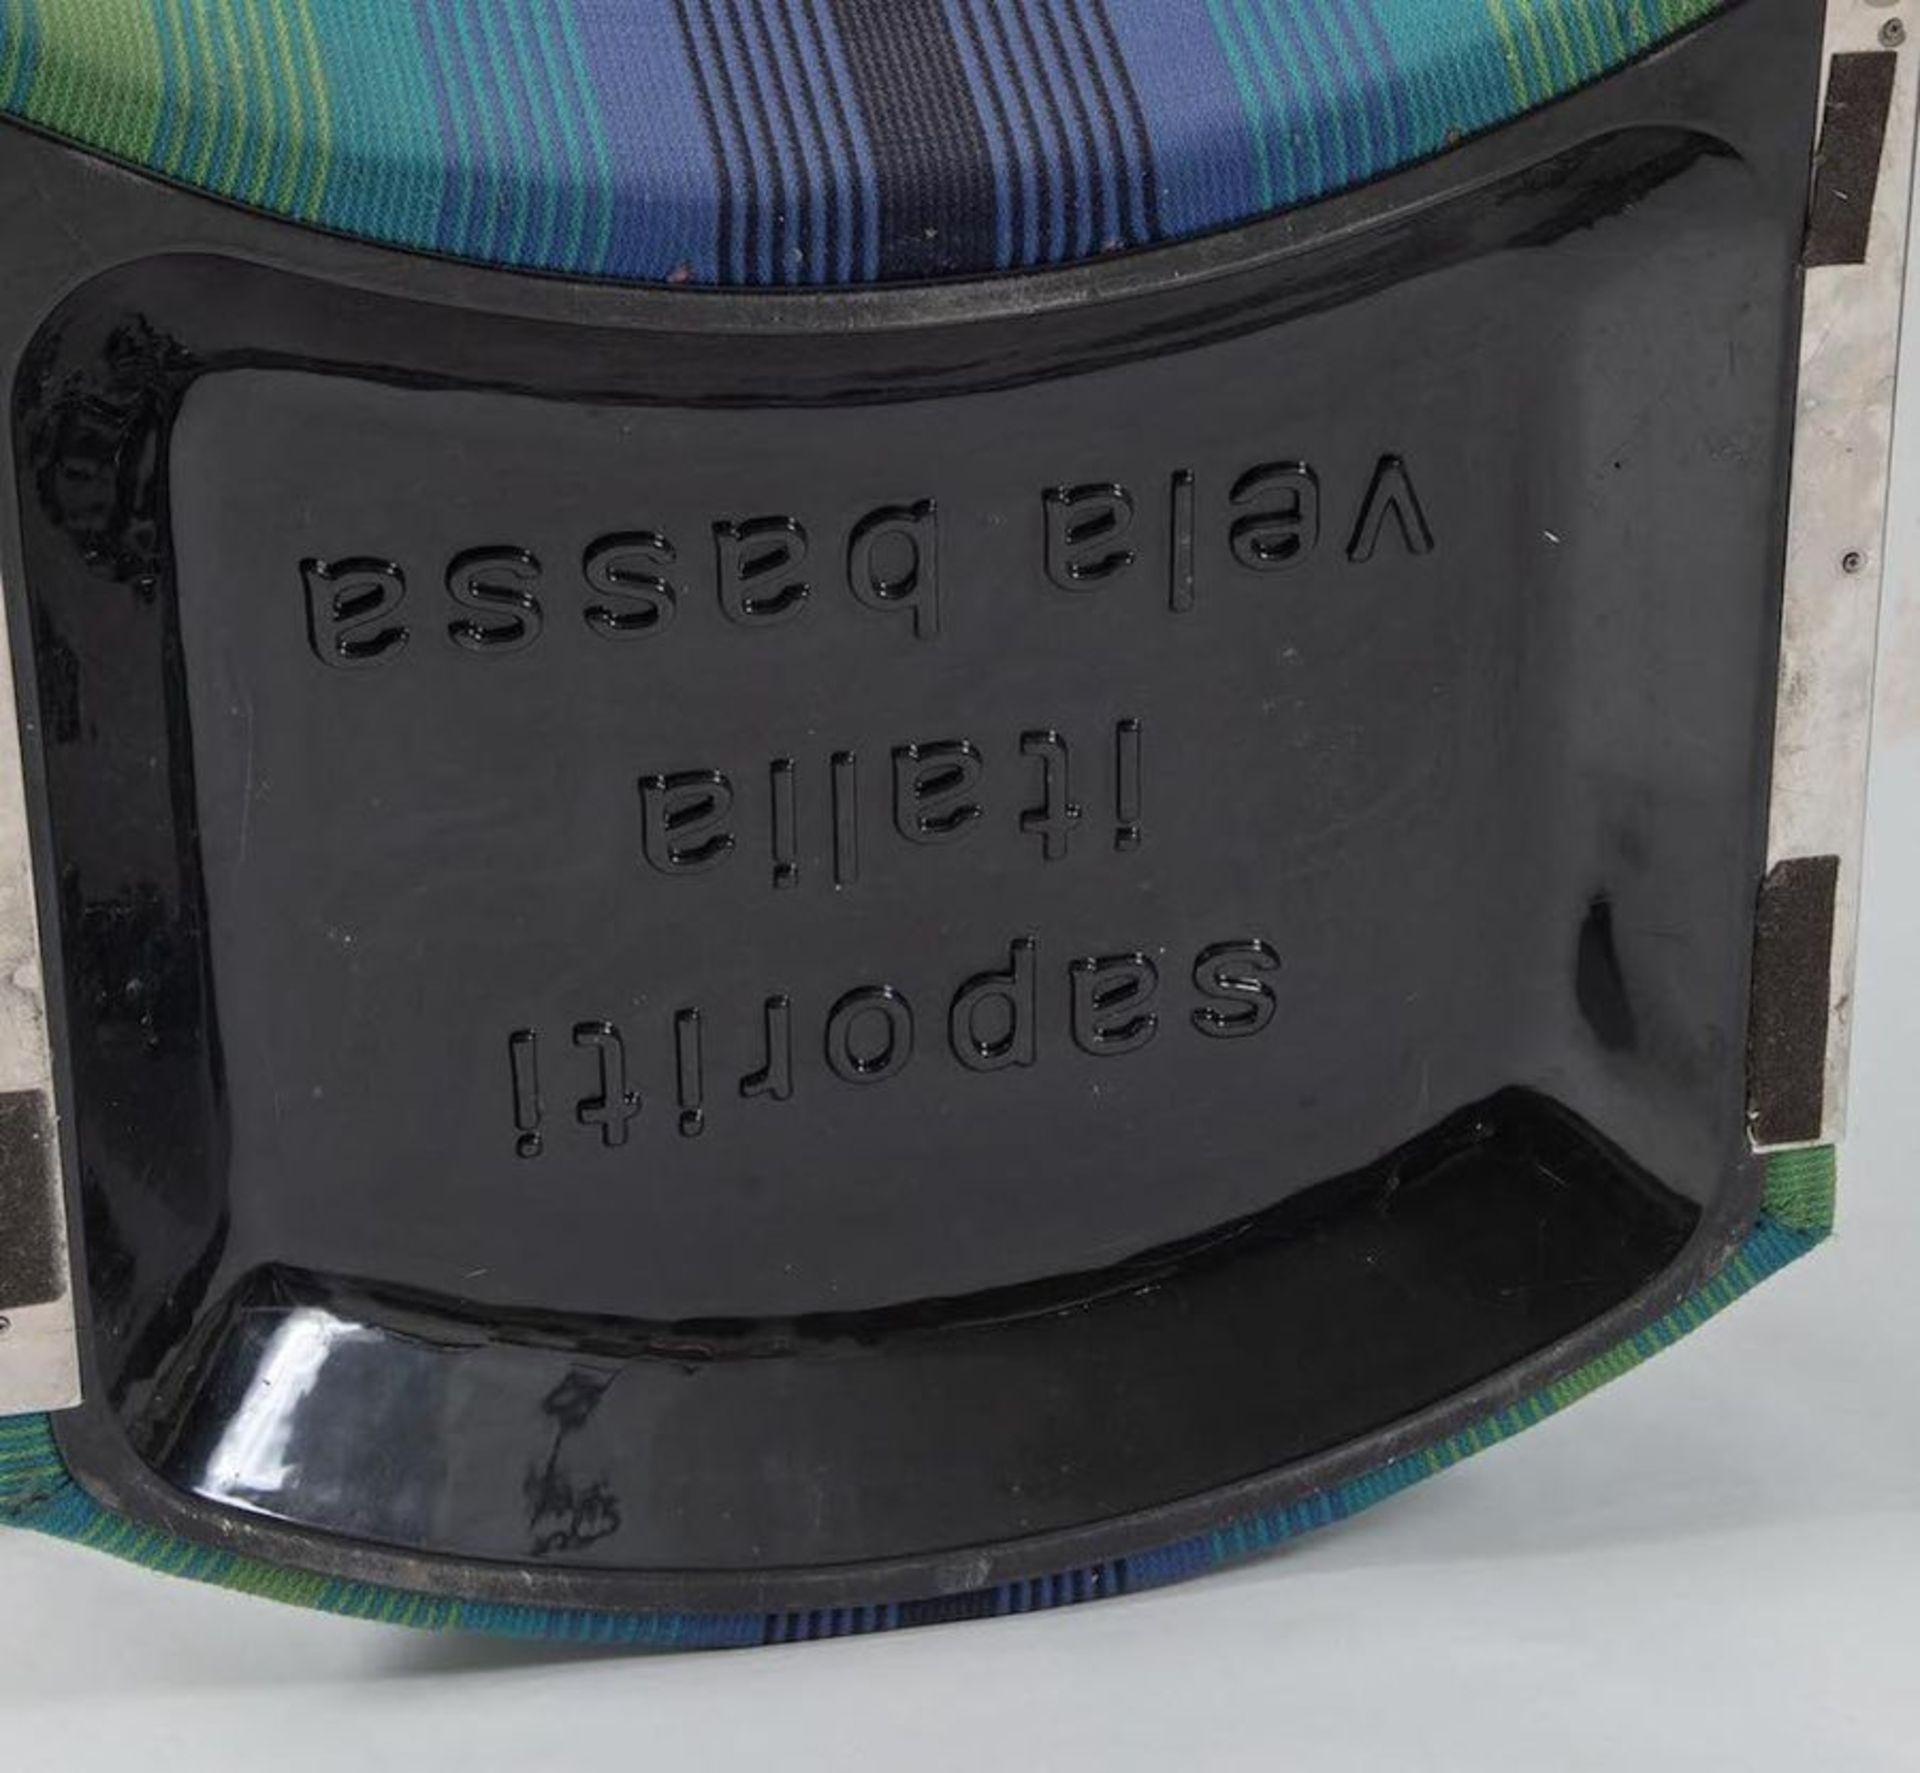 GIOVANNI OFFREDI Coppia di poltrone in tessuto Missoni modello Vela Bassa. Marchio Originale. Prod.  - Bild 5 aus 5